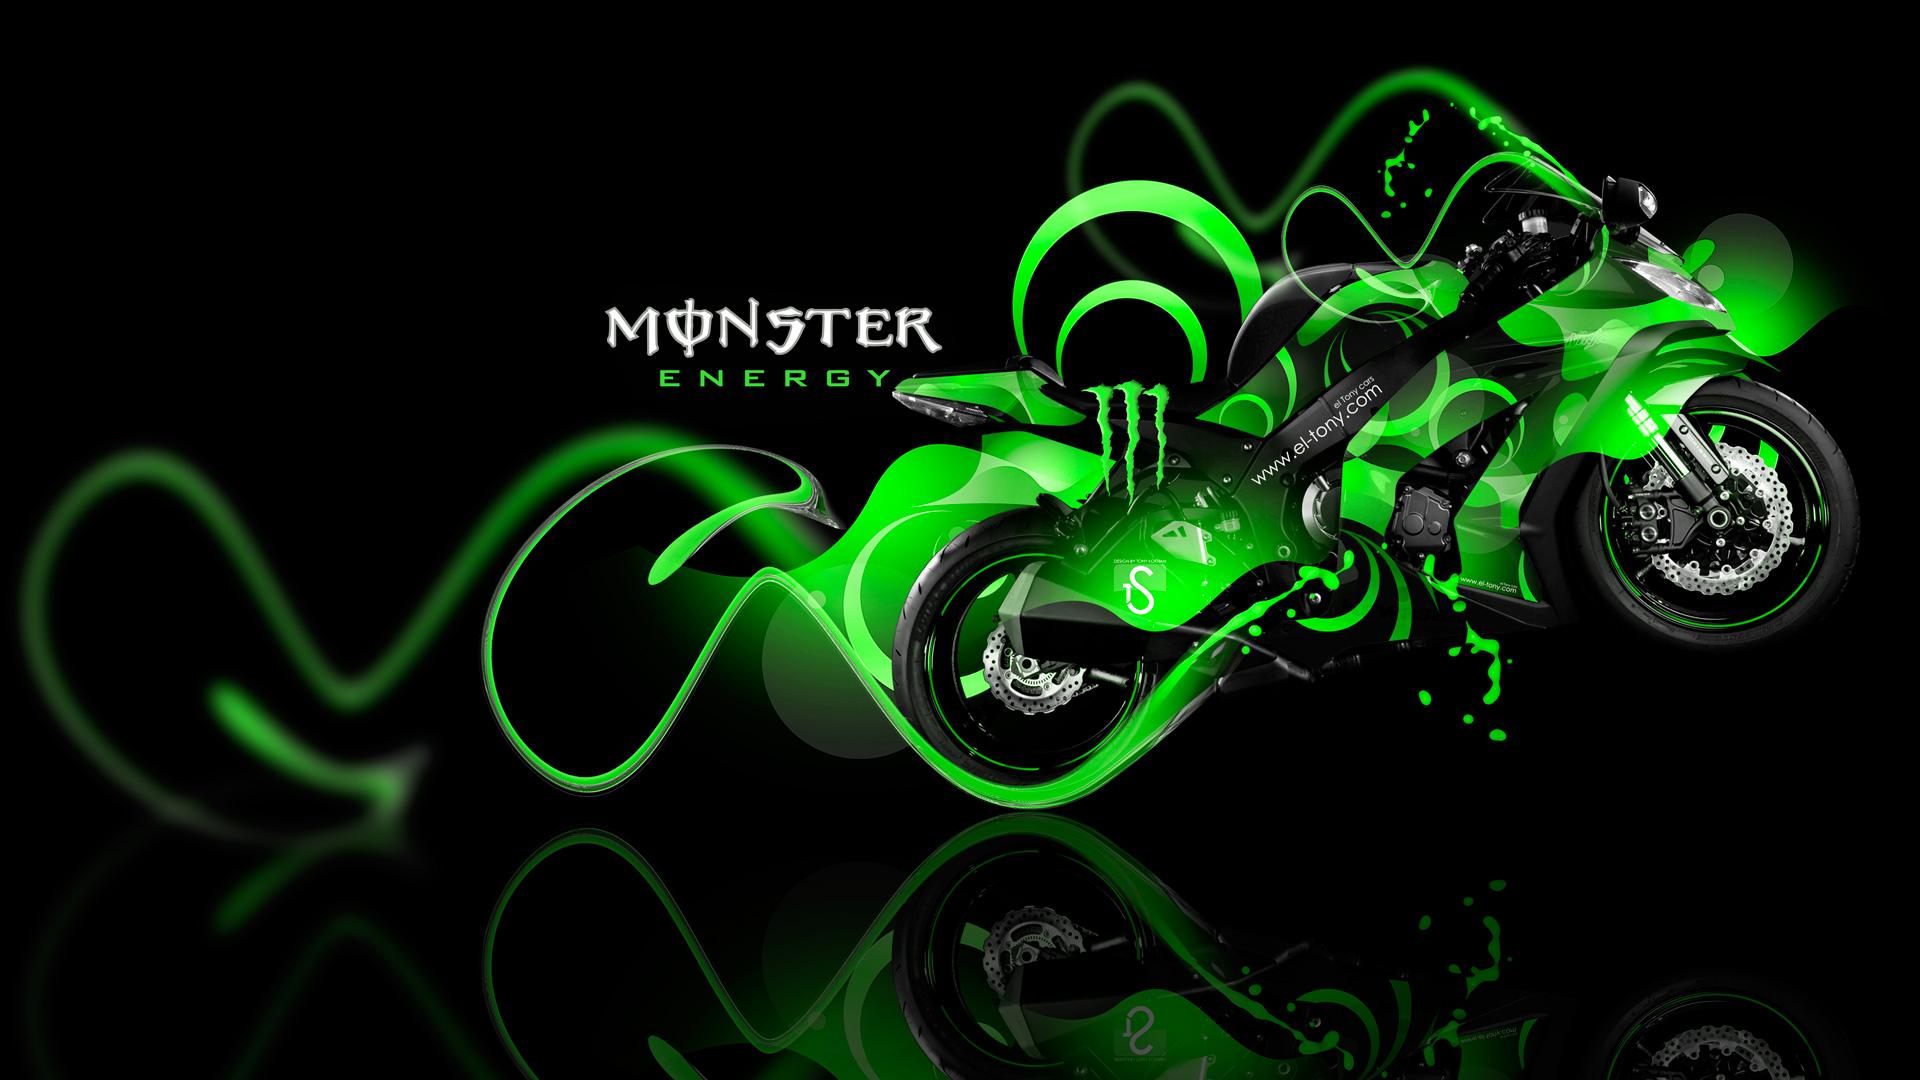 High Resolution Wallpaper | Monster 1920x1080 px